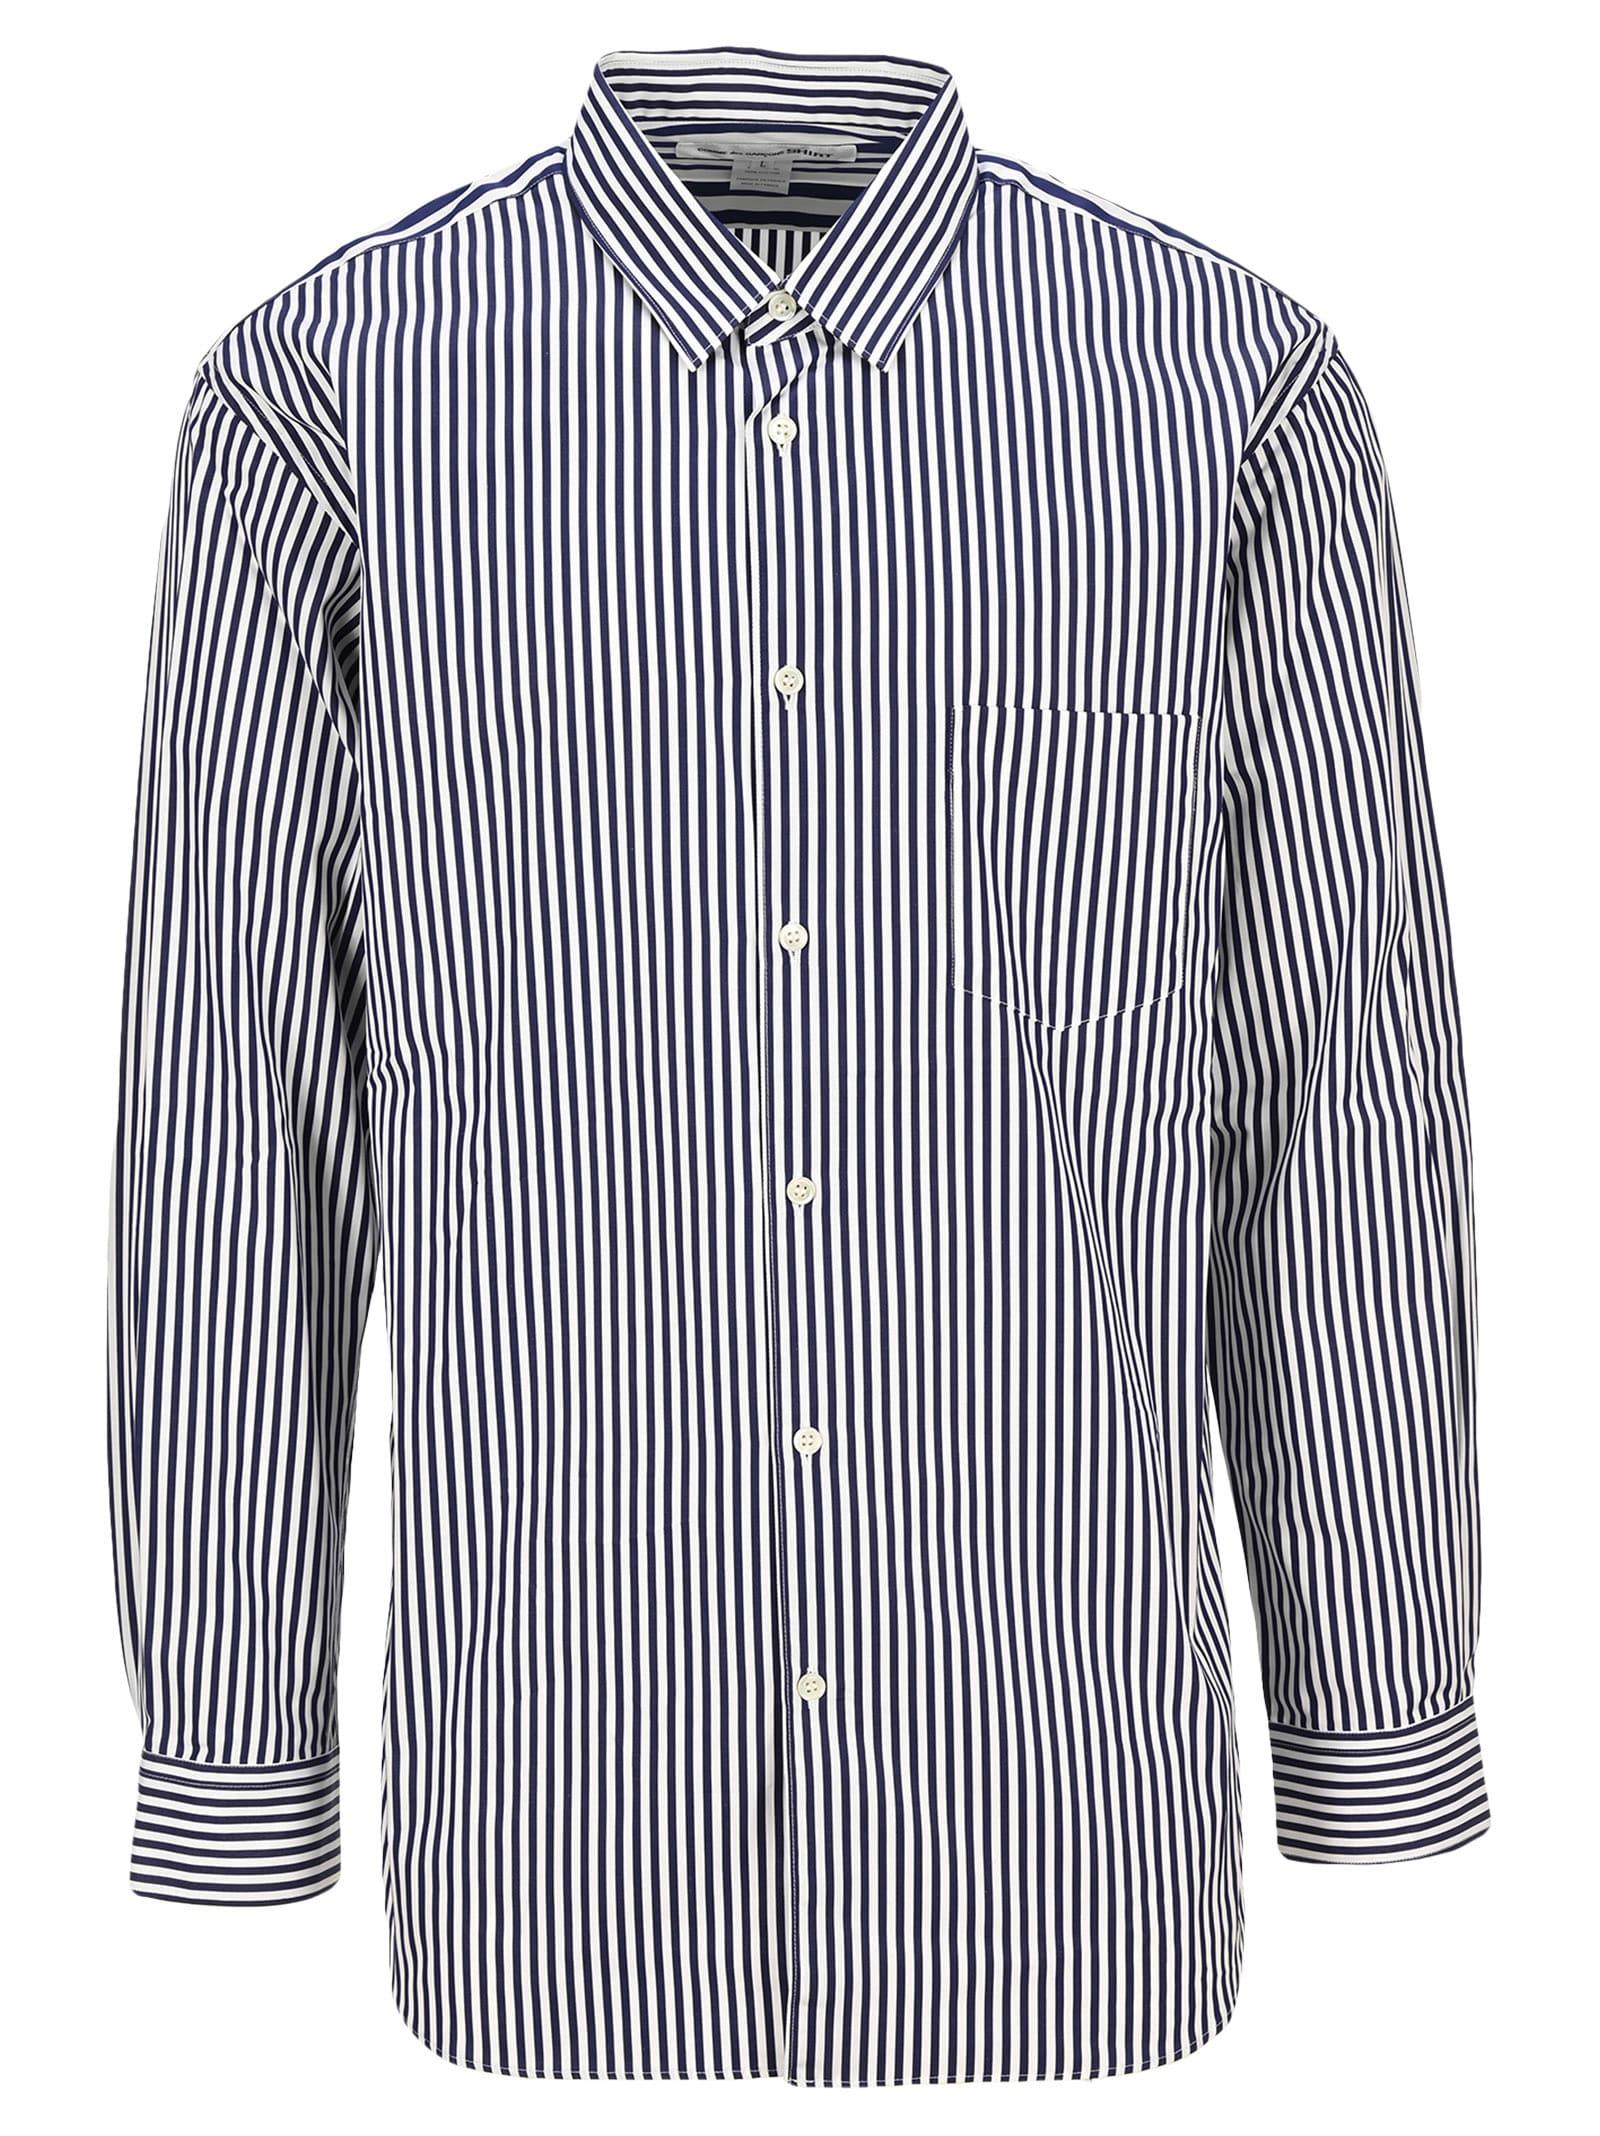 Comme Des Garçons Shirt Cottons STRIPED SHIRT